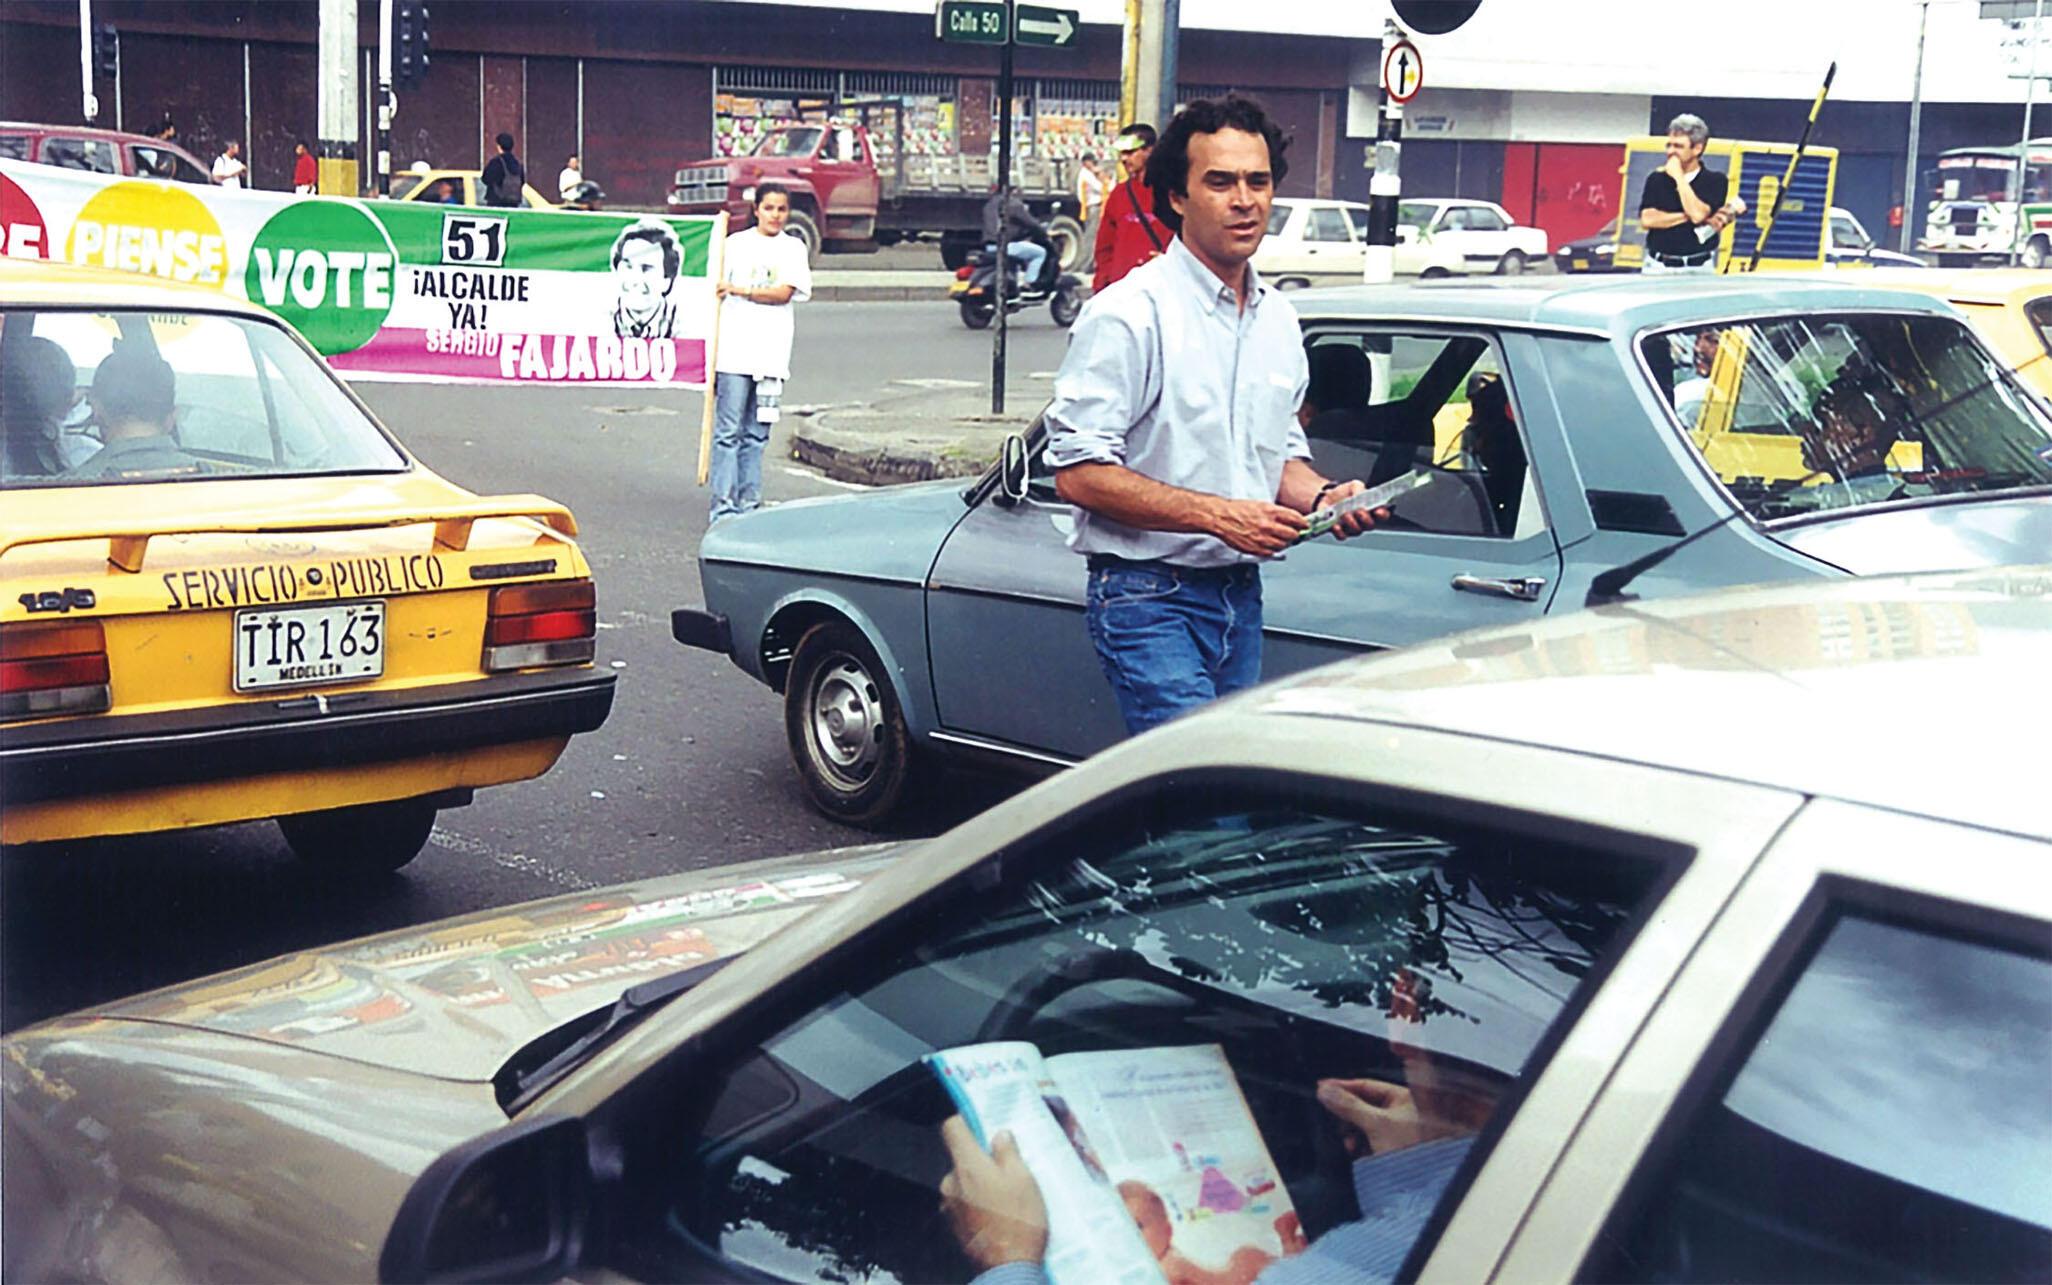 Sergio Fajardo on the campaign trail in Medellín in 1999. (Photo courtesy of Sergio Fajardo.)